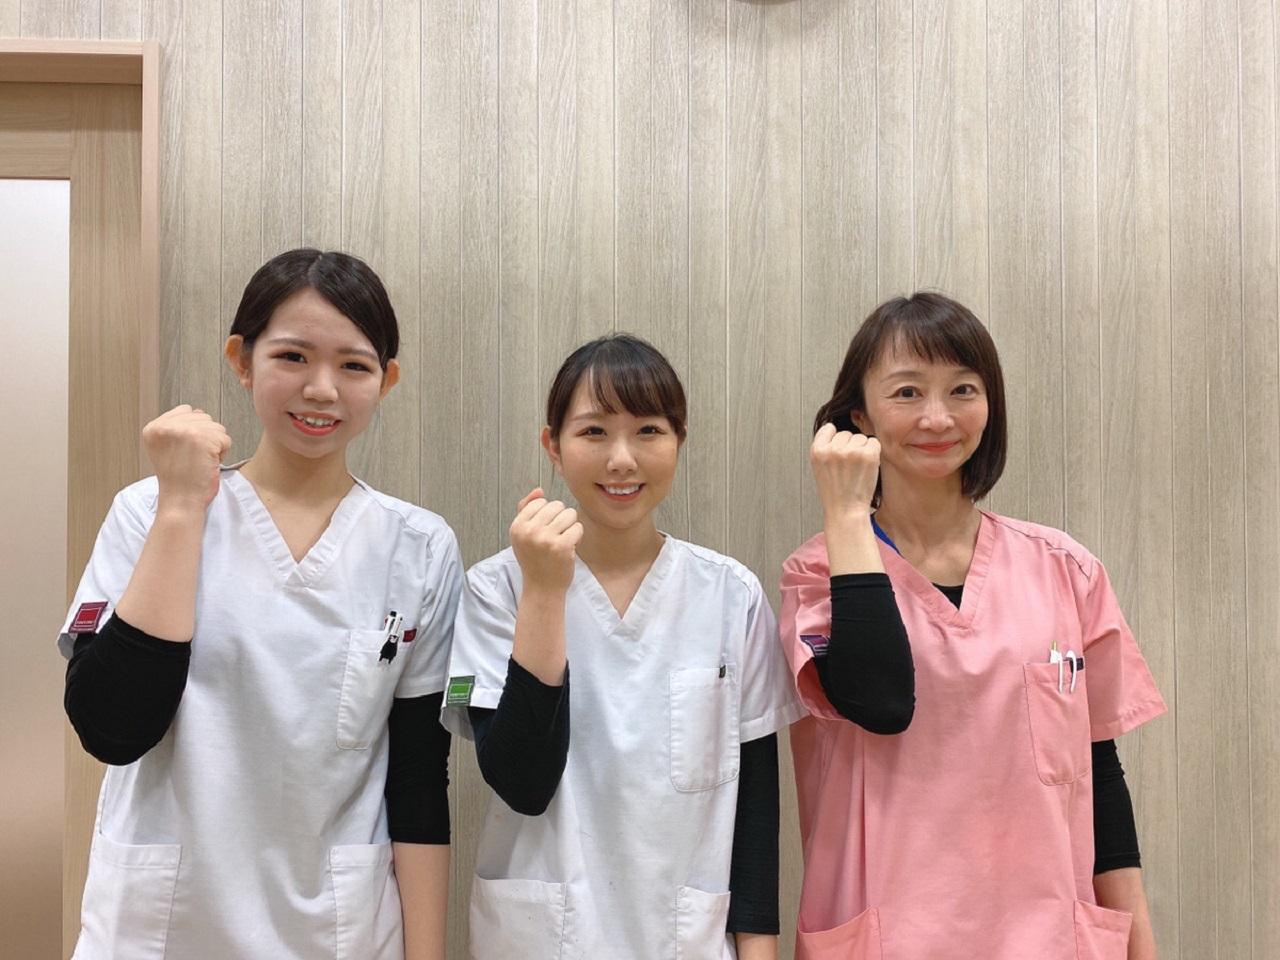 綾川坂口整骨院/鍼灸院